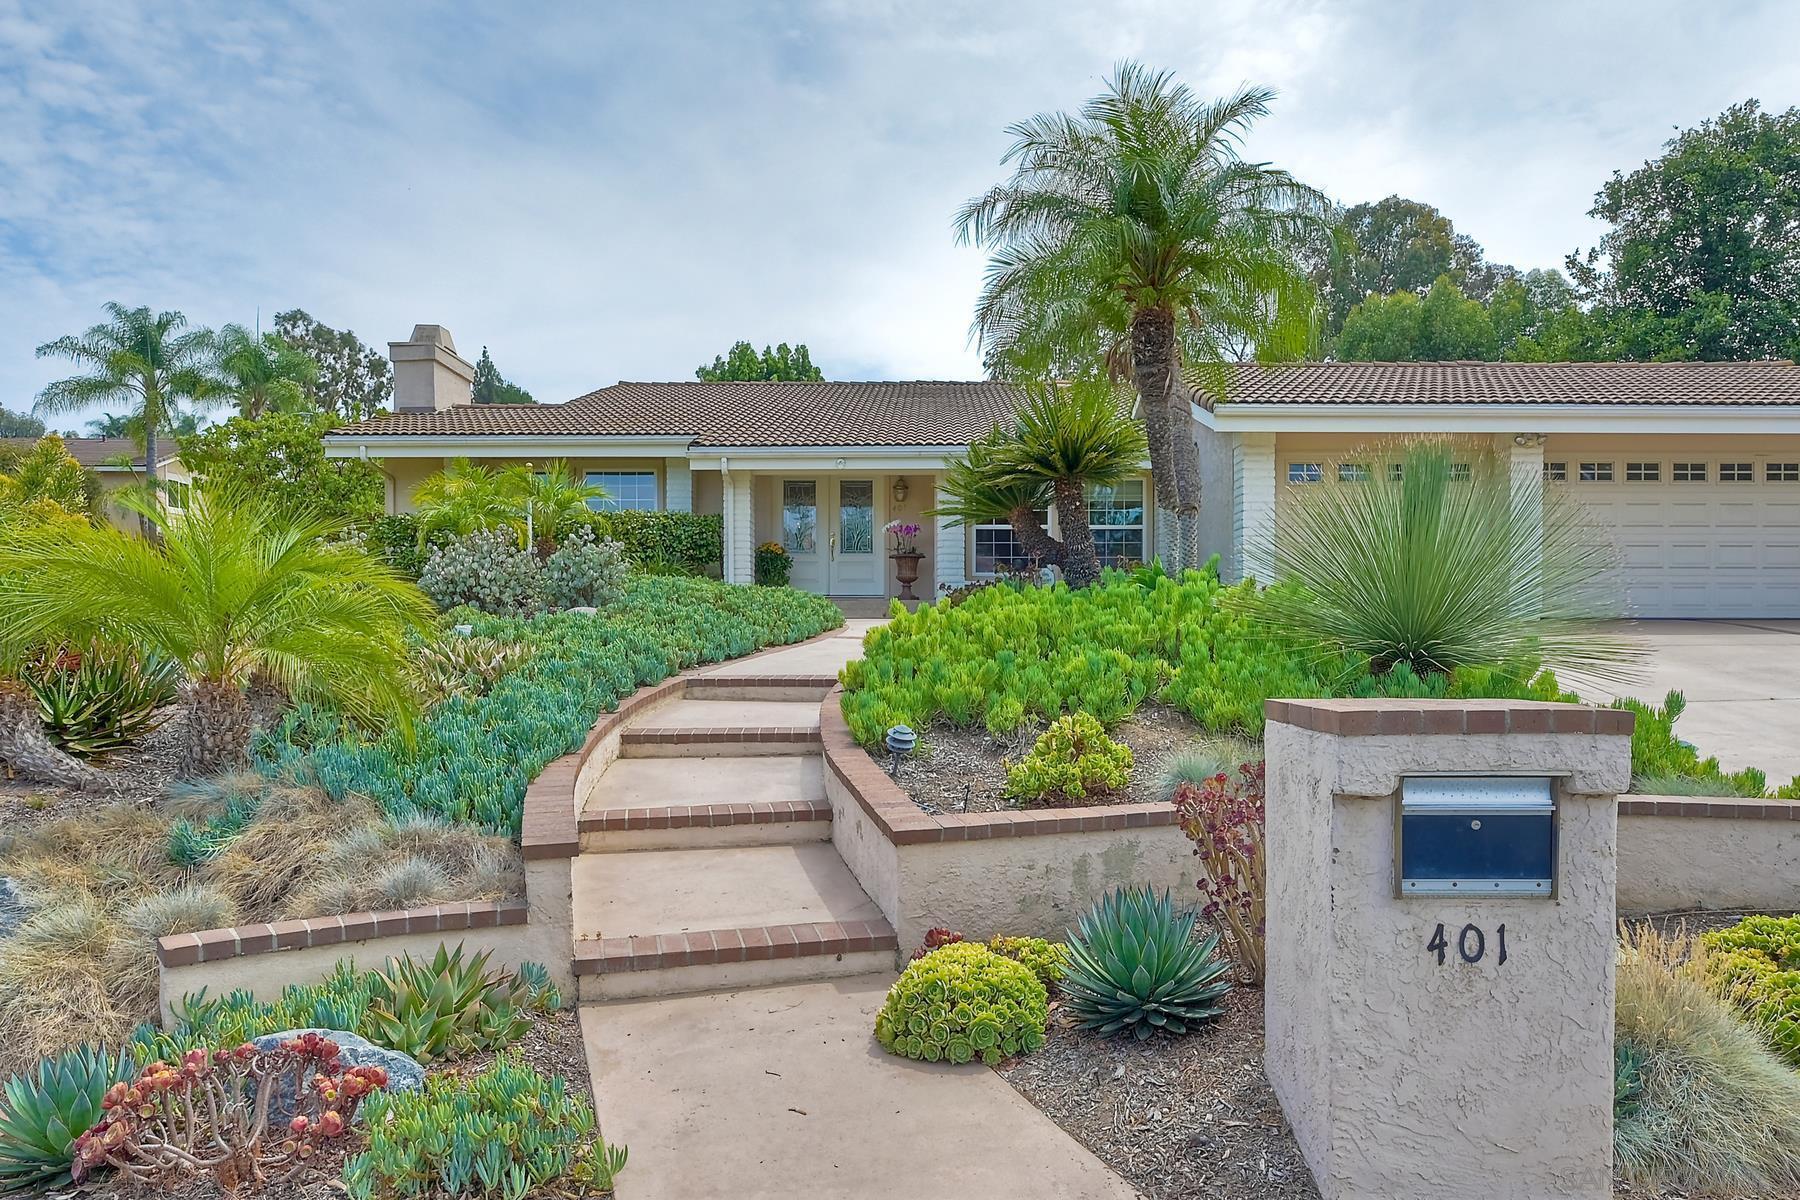 401 Avenida Adobe, Escondido, CA 92029